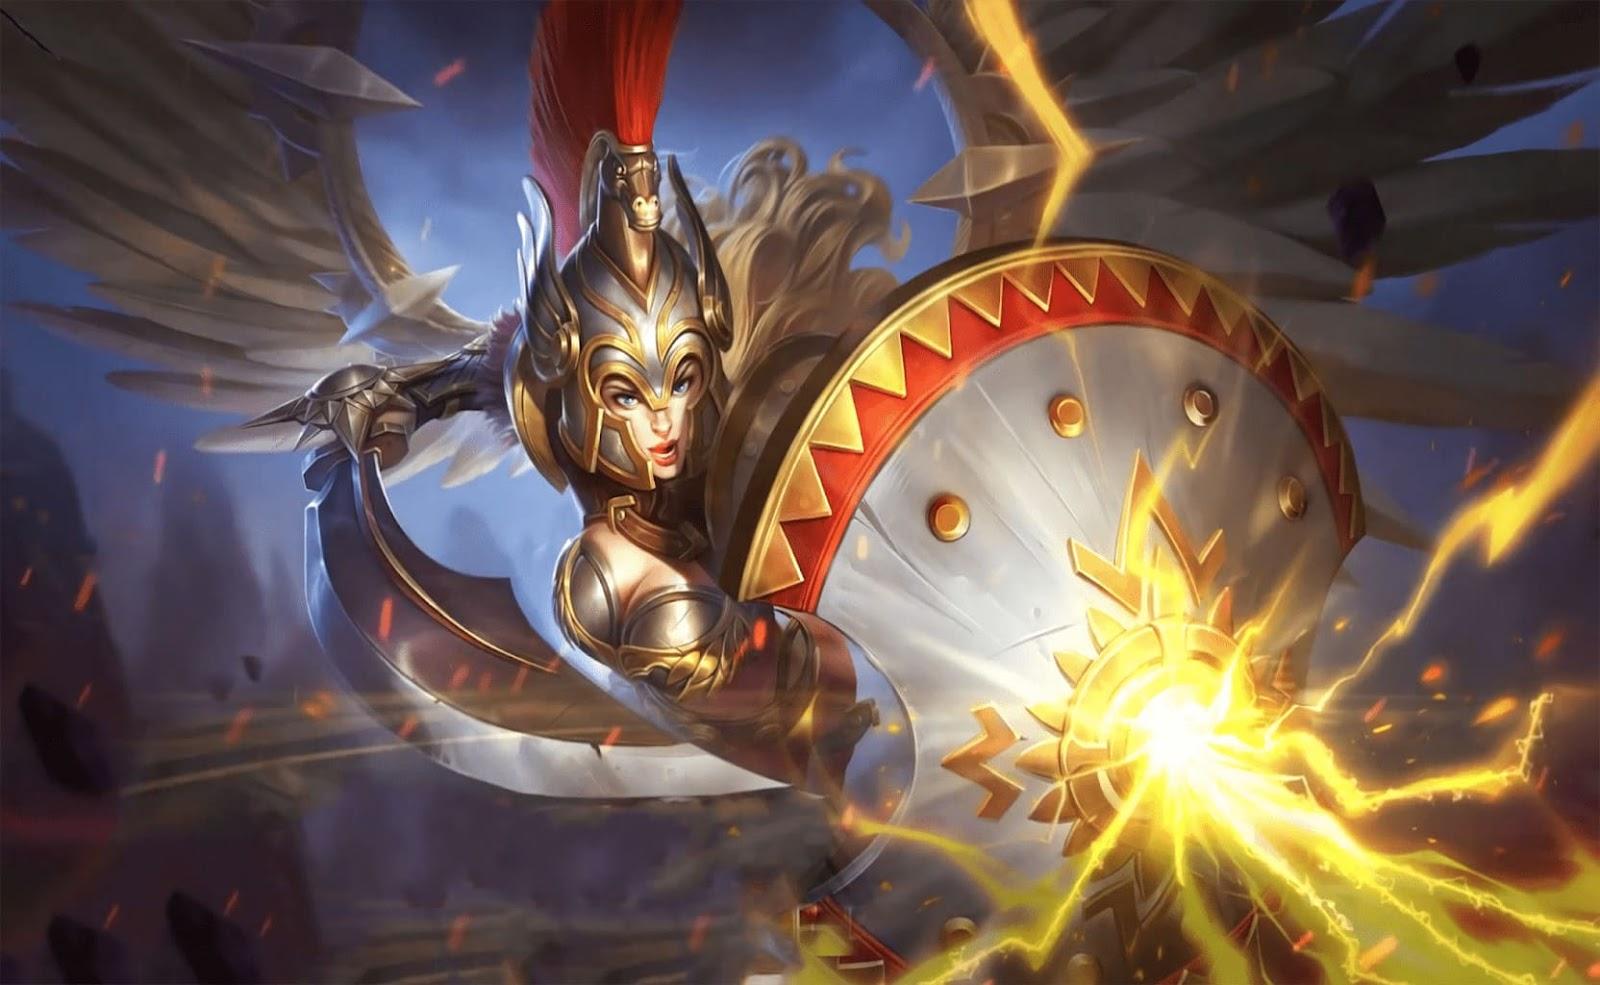 Wallpaper Freya Gladiator Skin Mobile Legends HD for PC